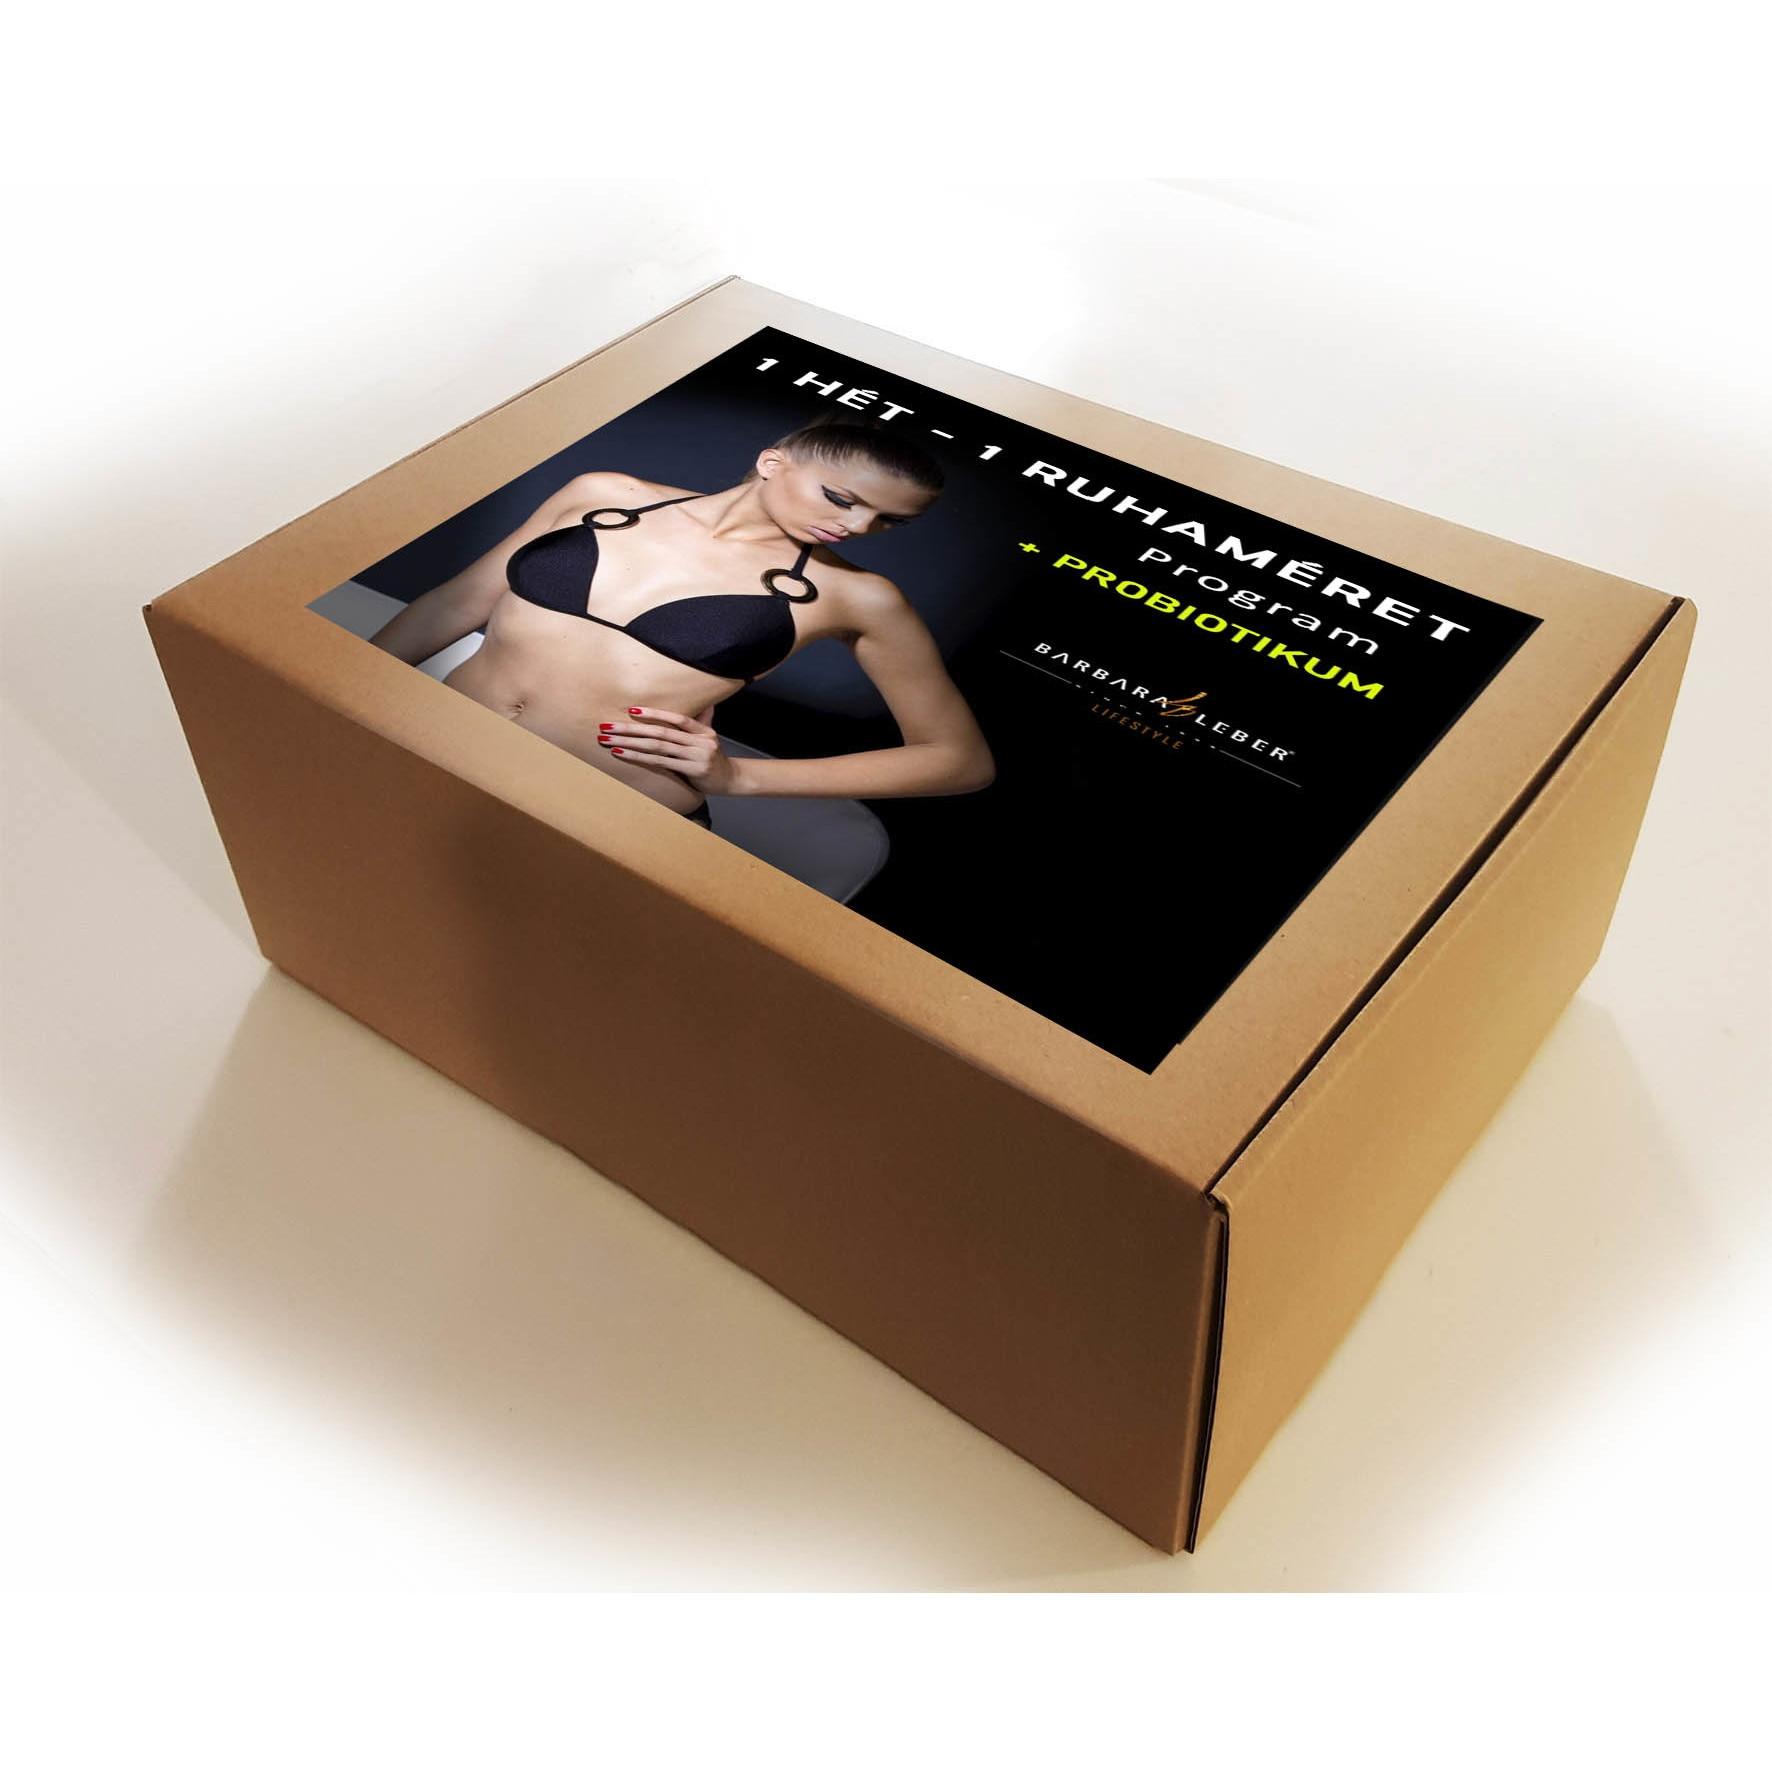 súlycsökkentő csomag hím hasi zsír hogyan lehet elveszíteni